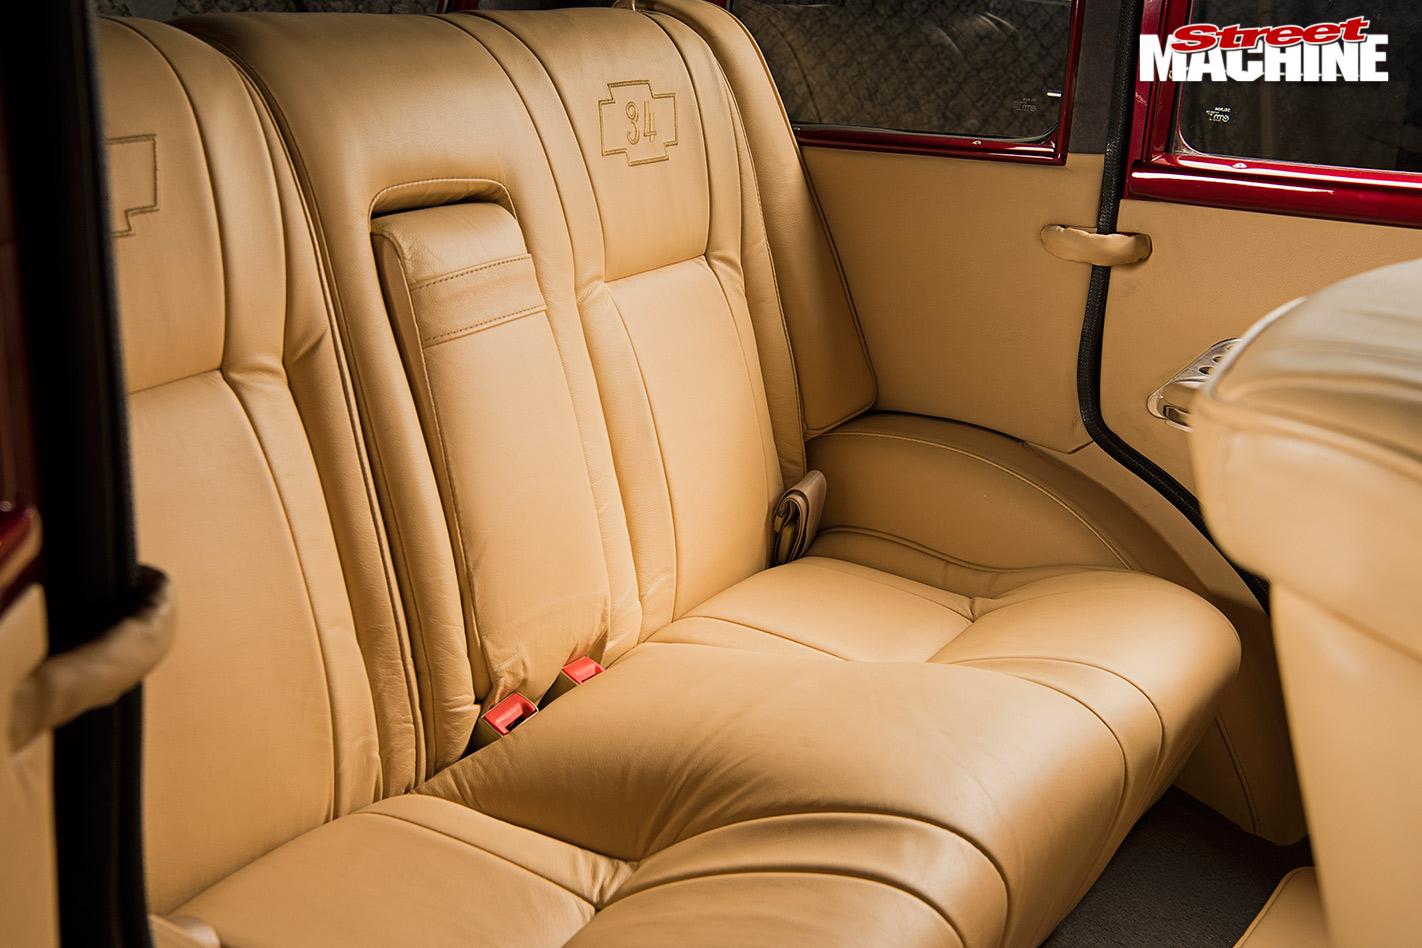 Chevy four-door sedan interior rear